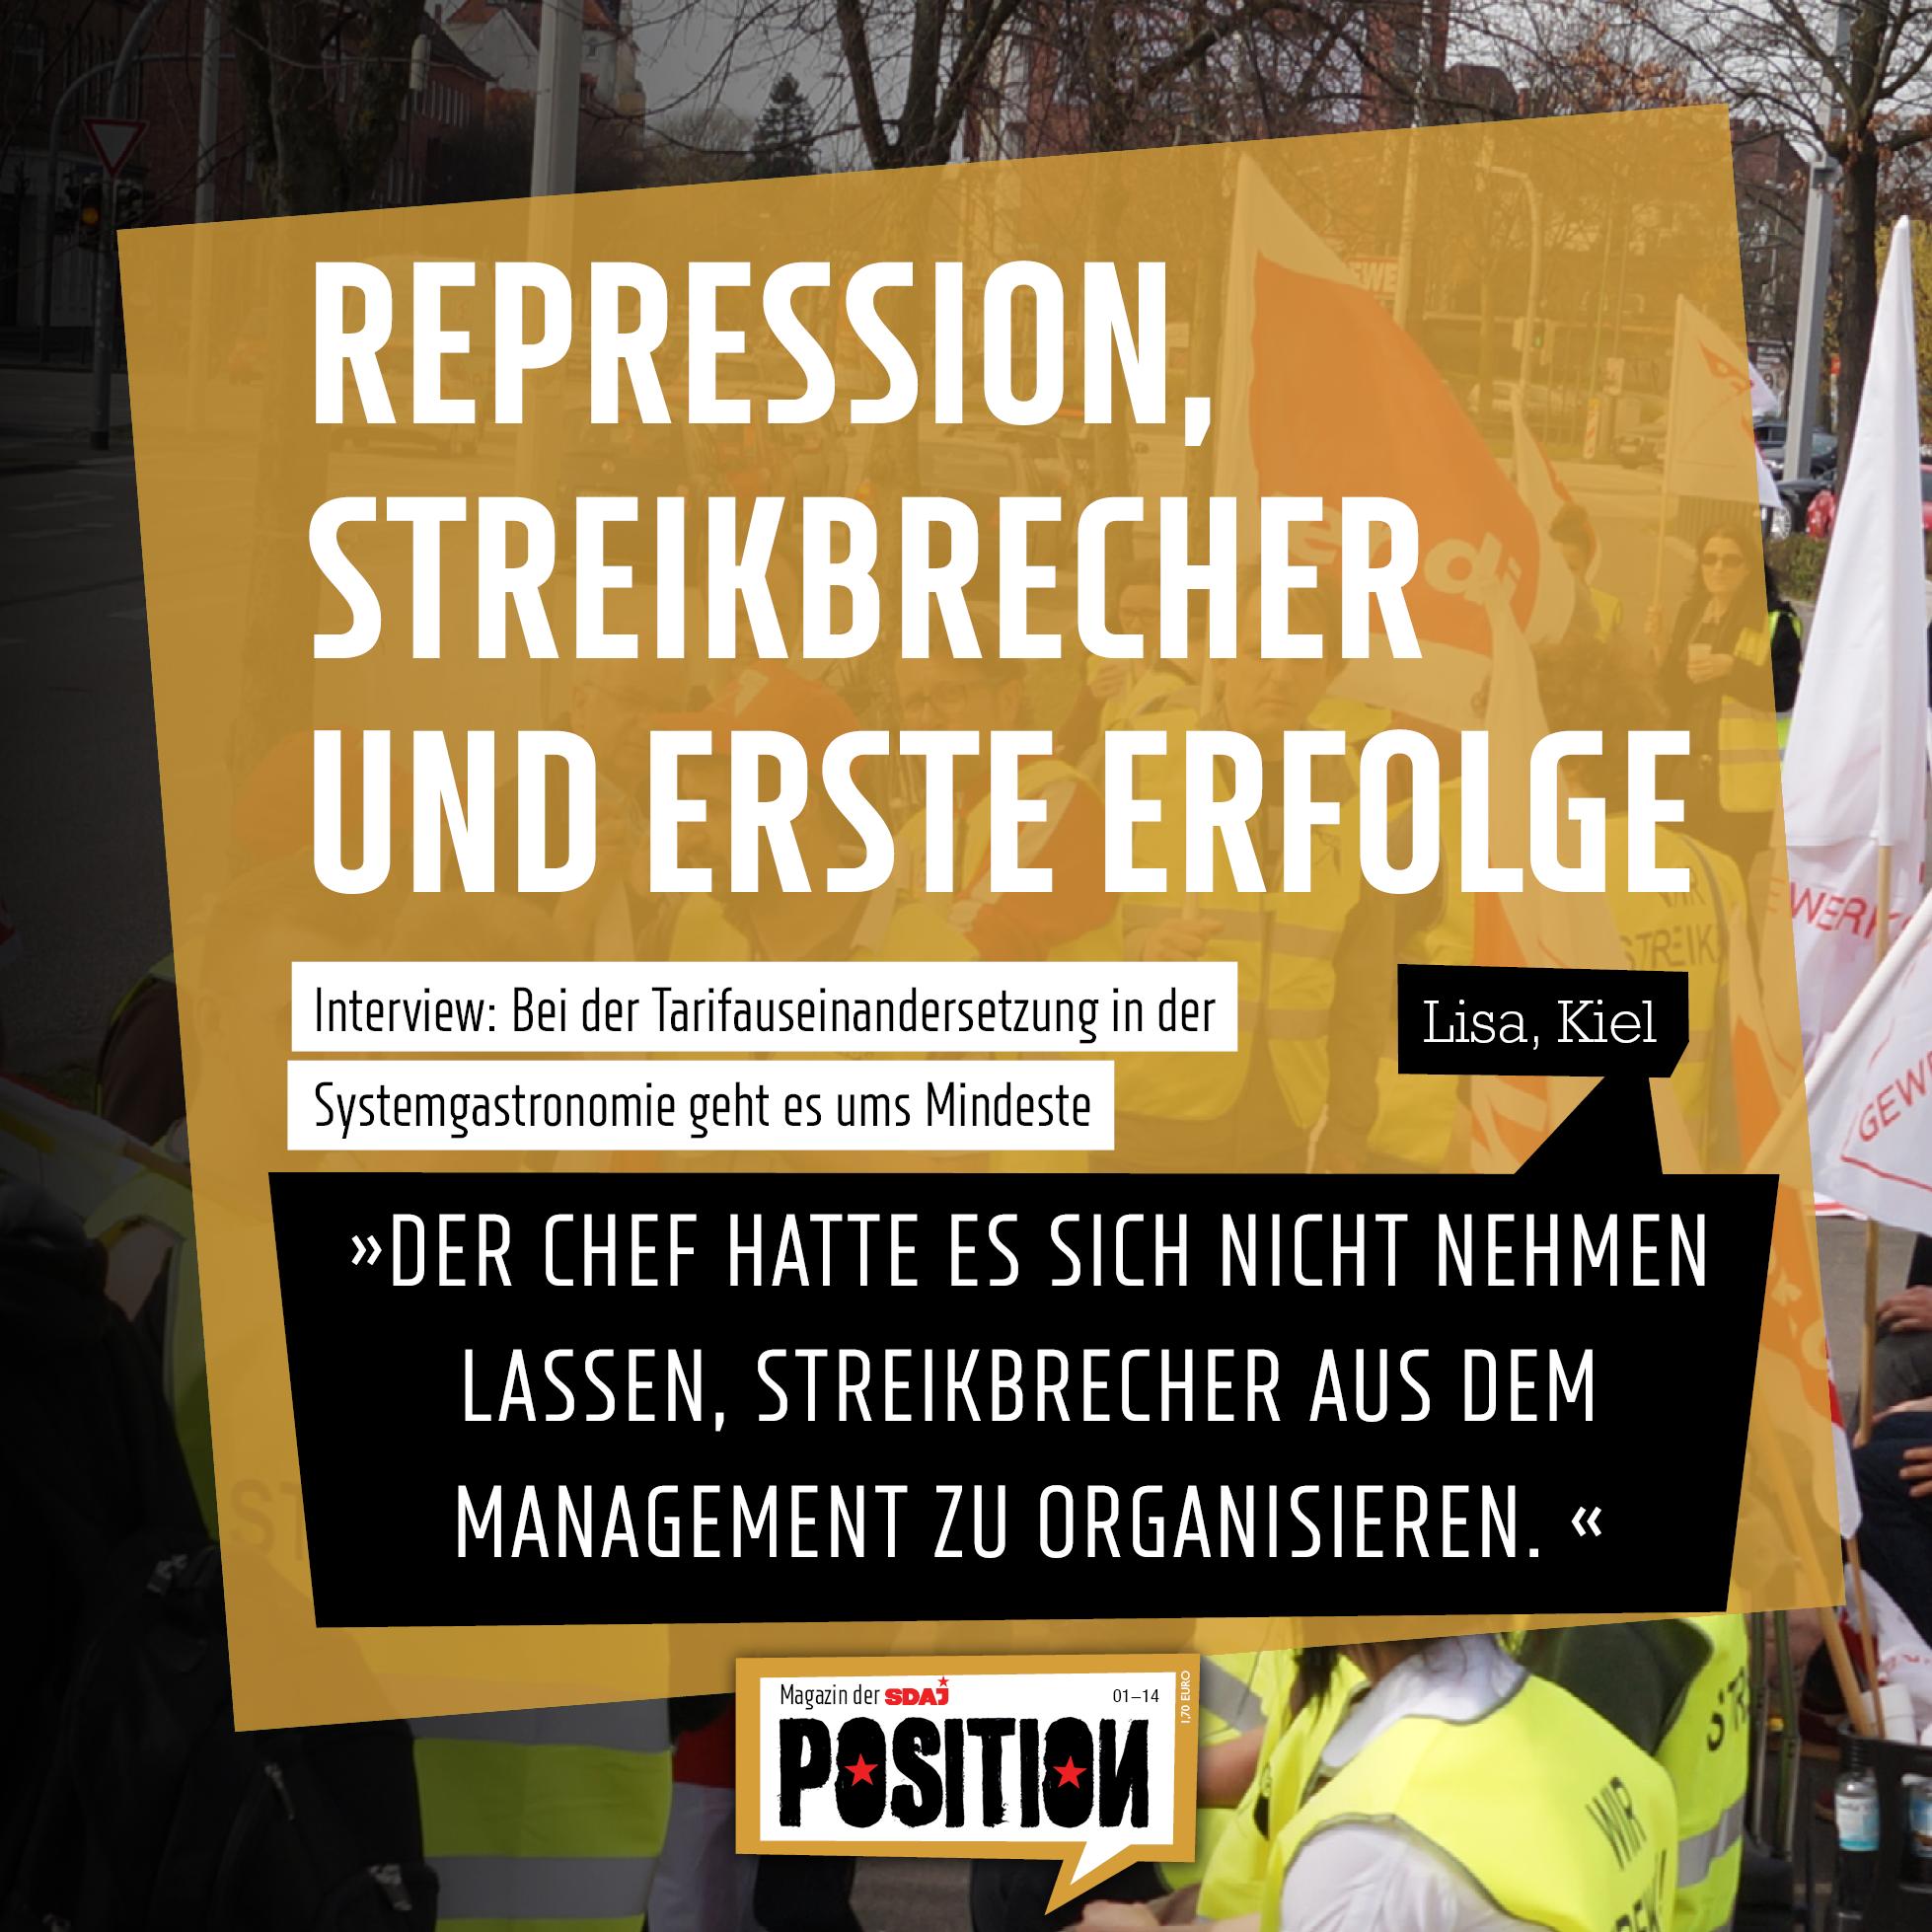 Repression, Streikbrecher und erste Erfolge